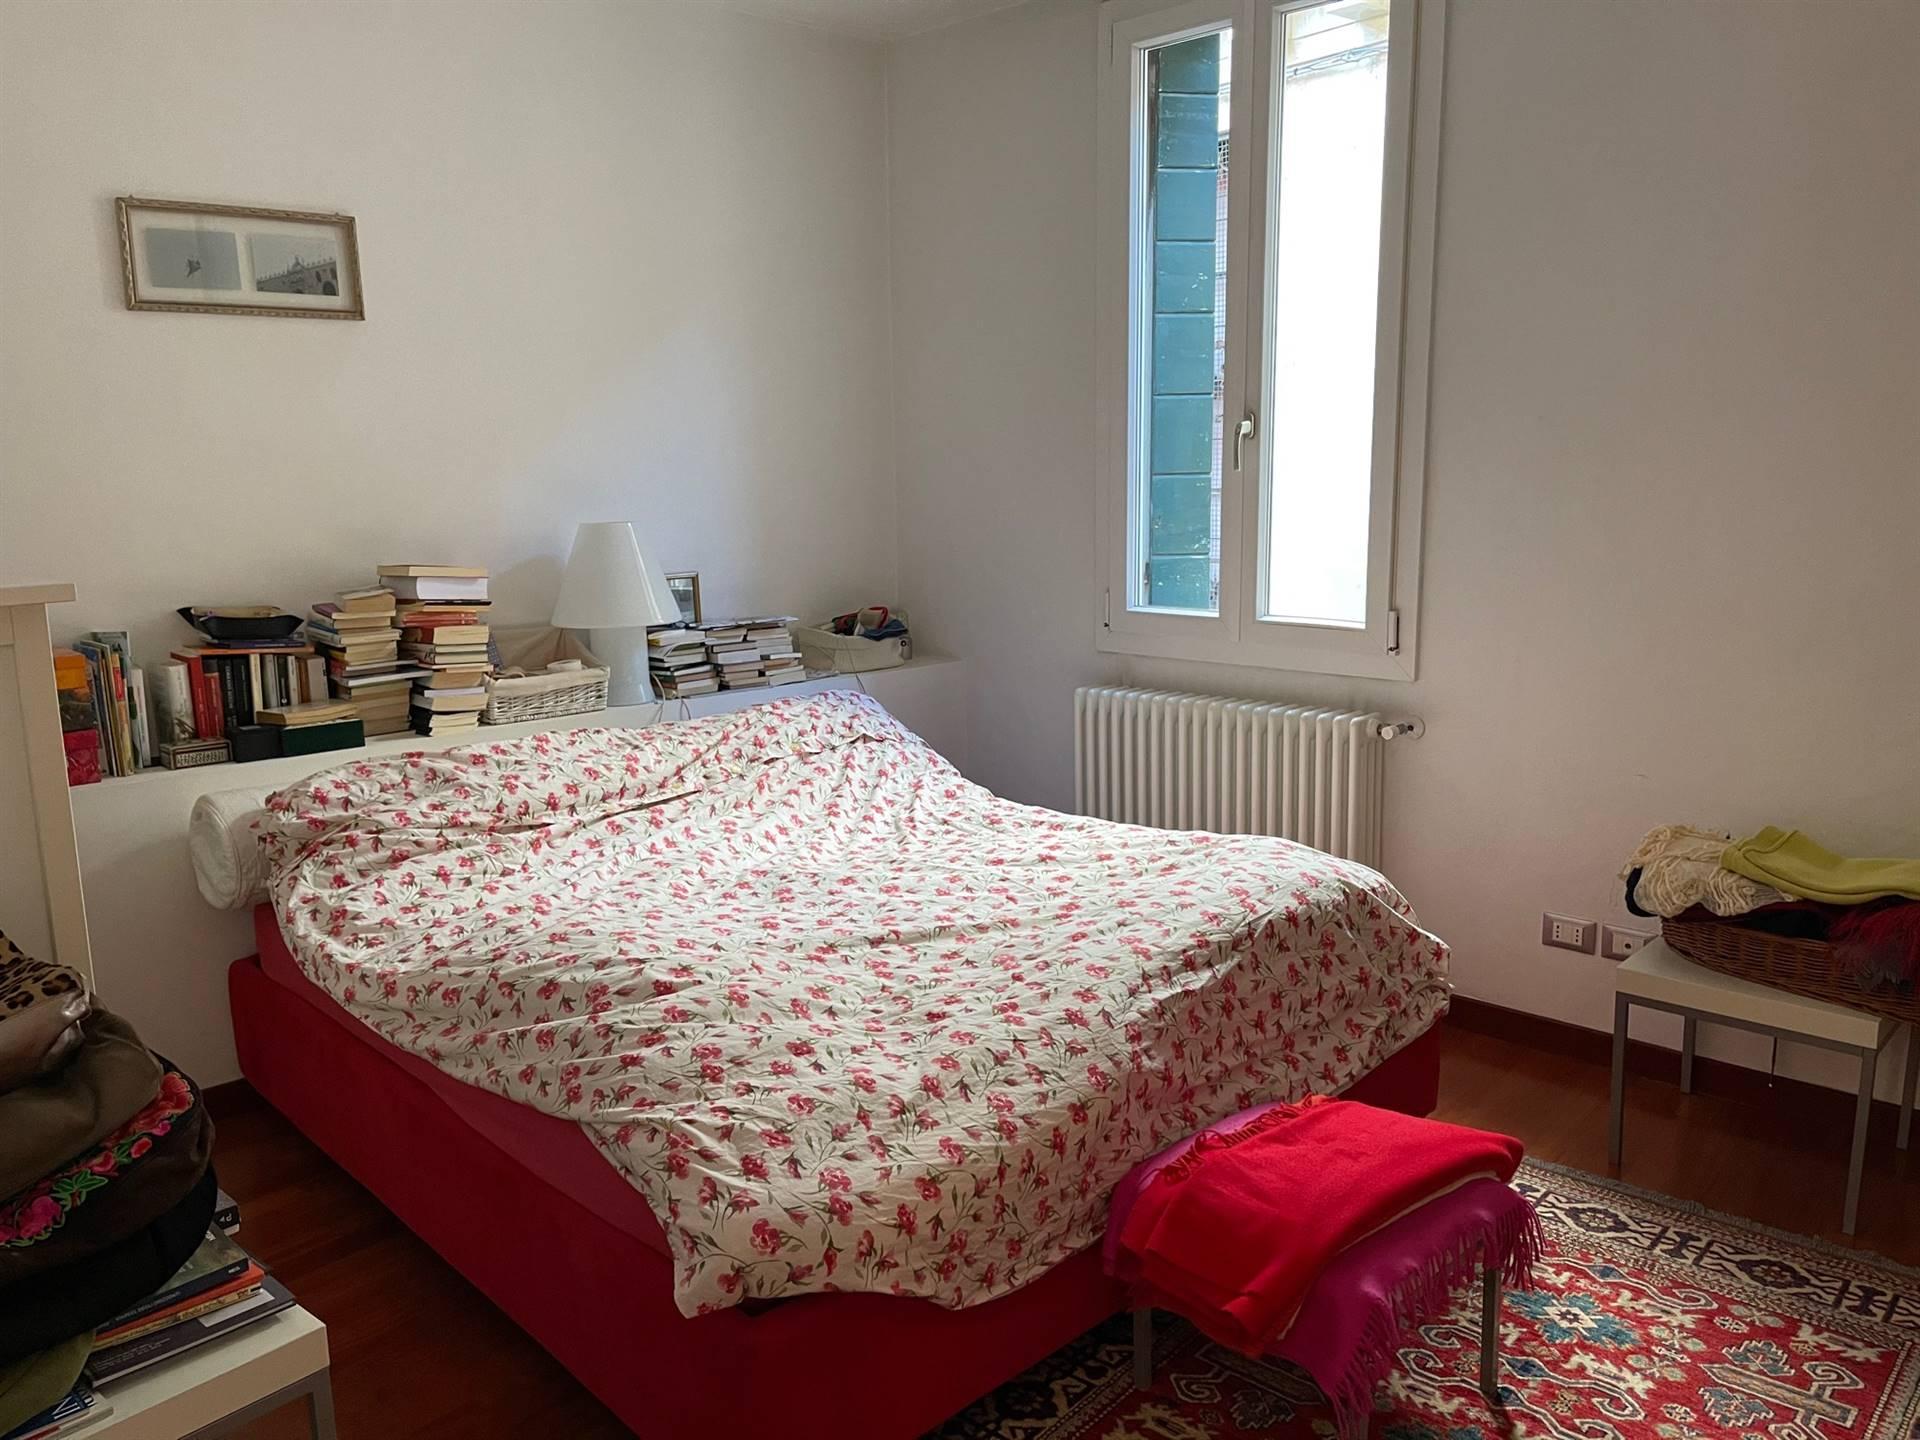 camera appartamento restaurato Venezia